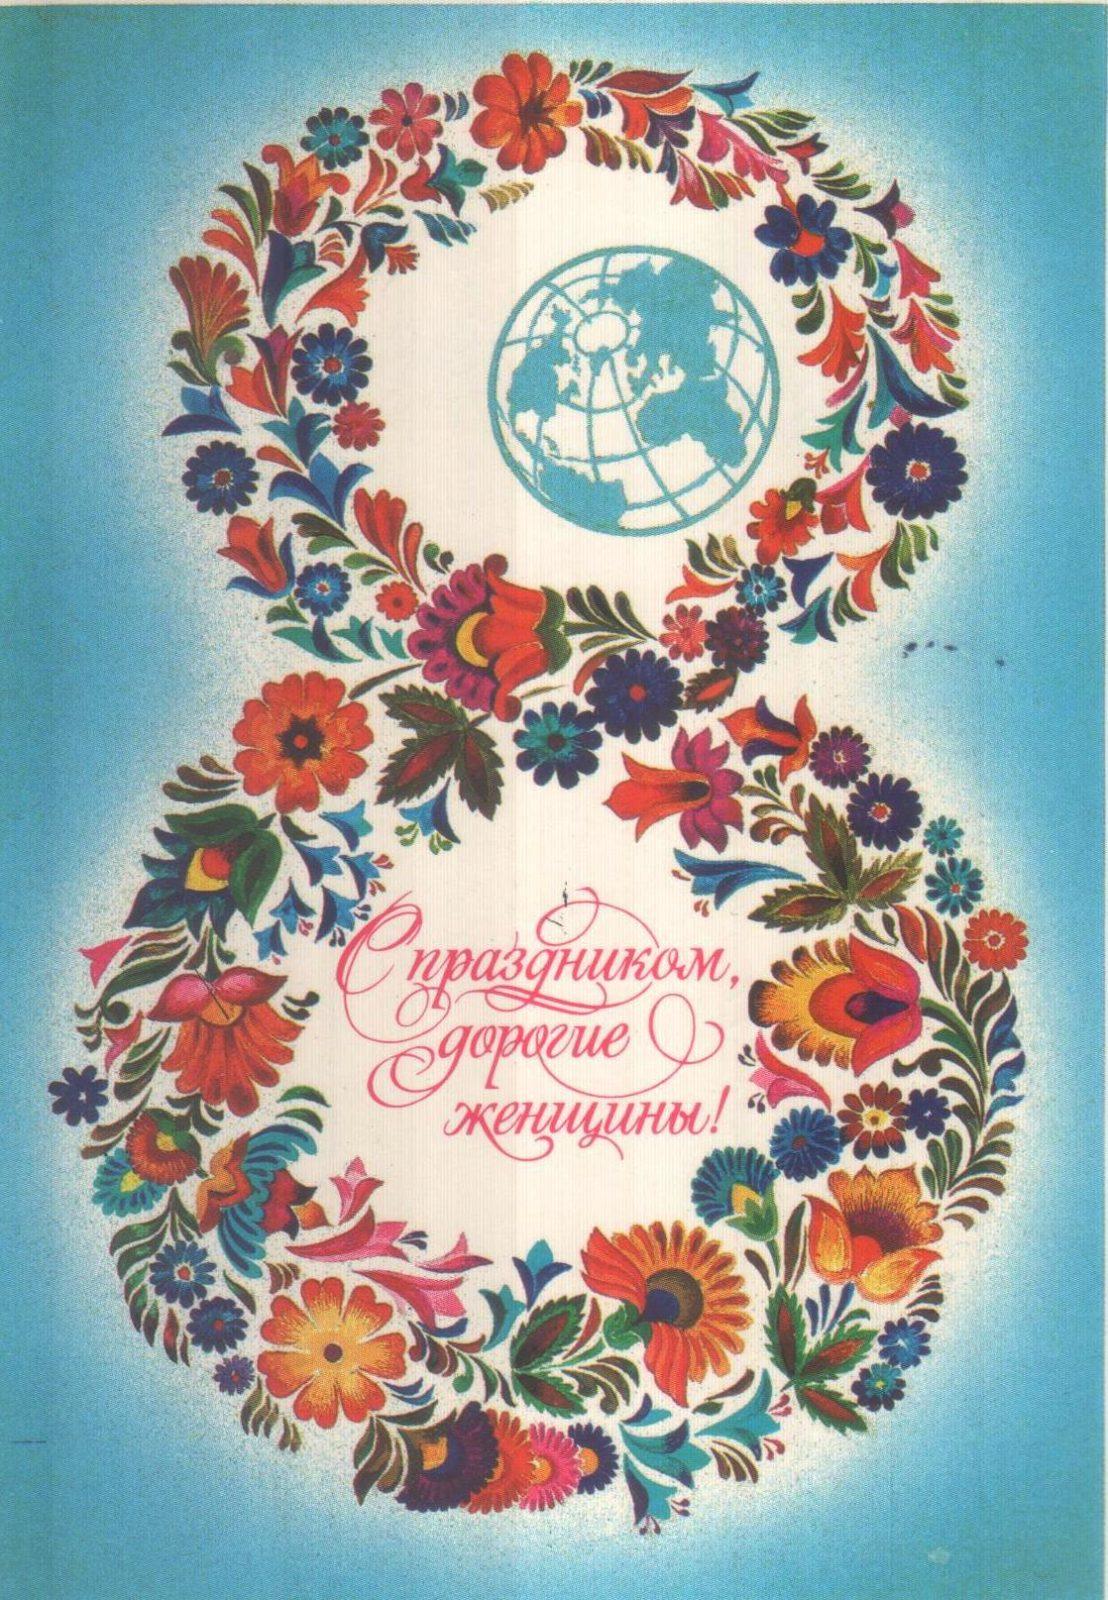 Открытка. С праздником, дорогие женщины! Художник А. Любезнов.